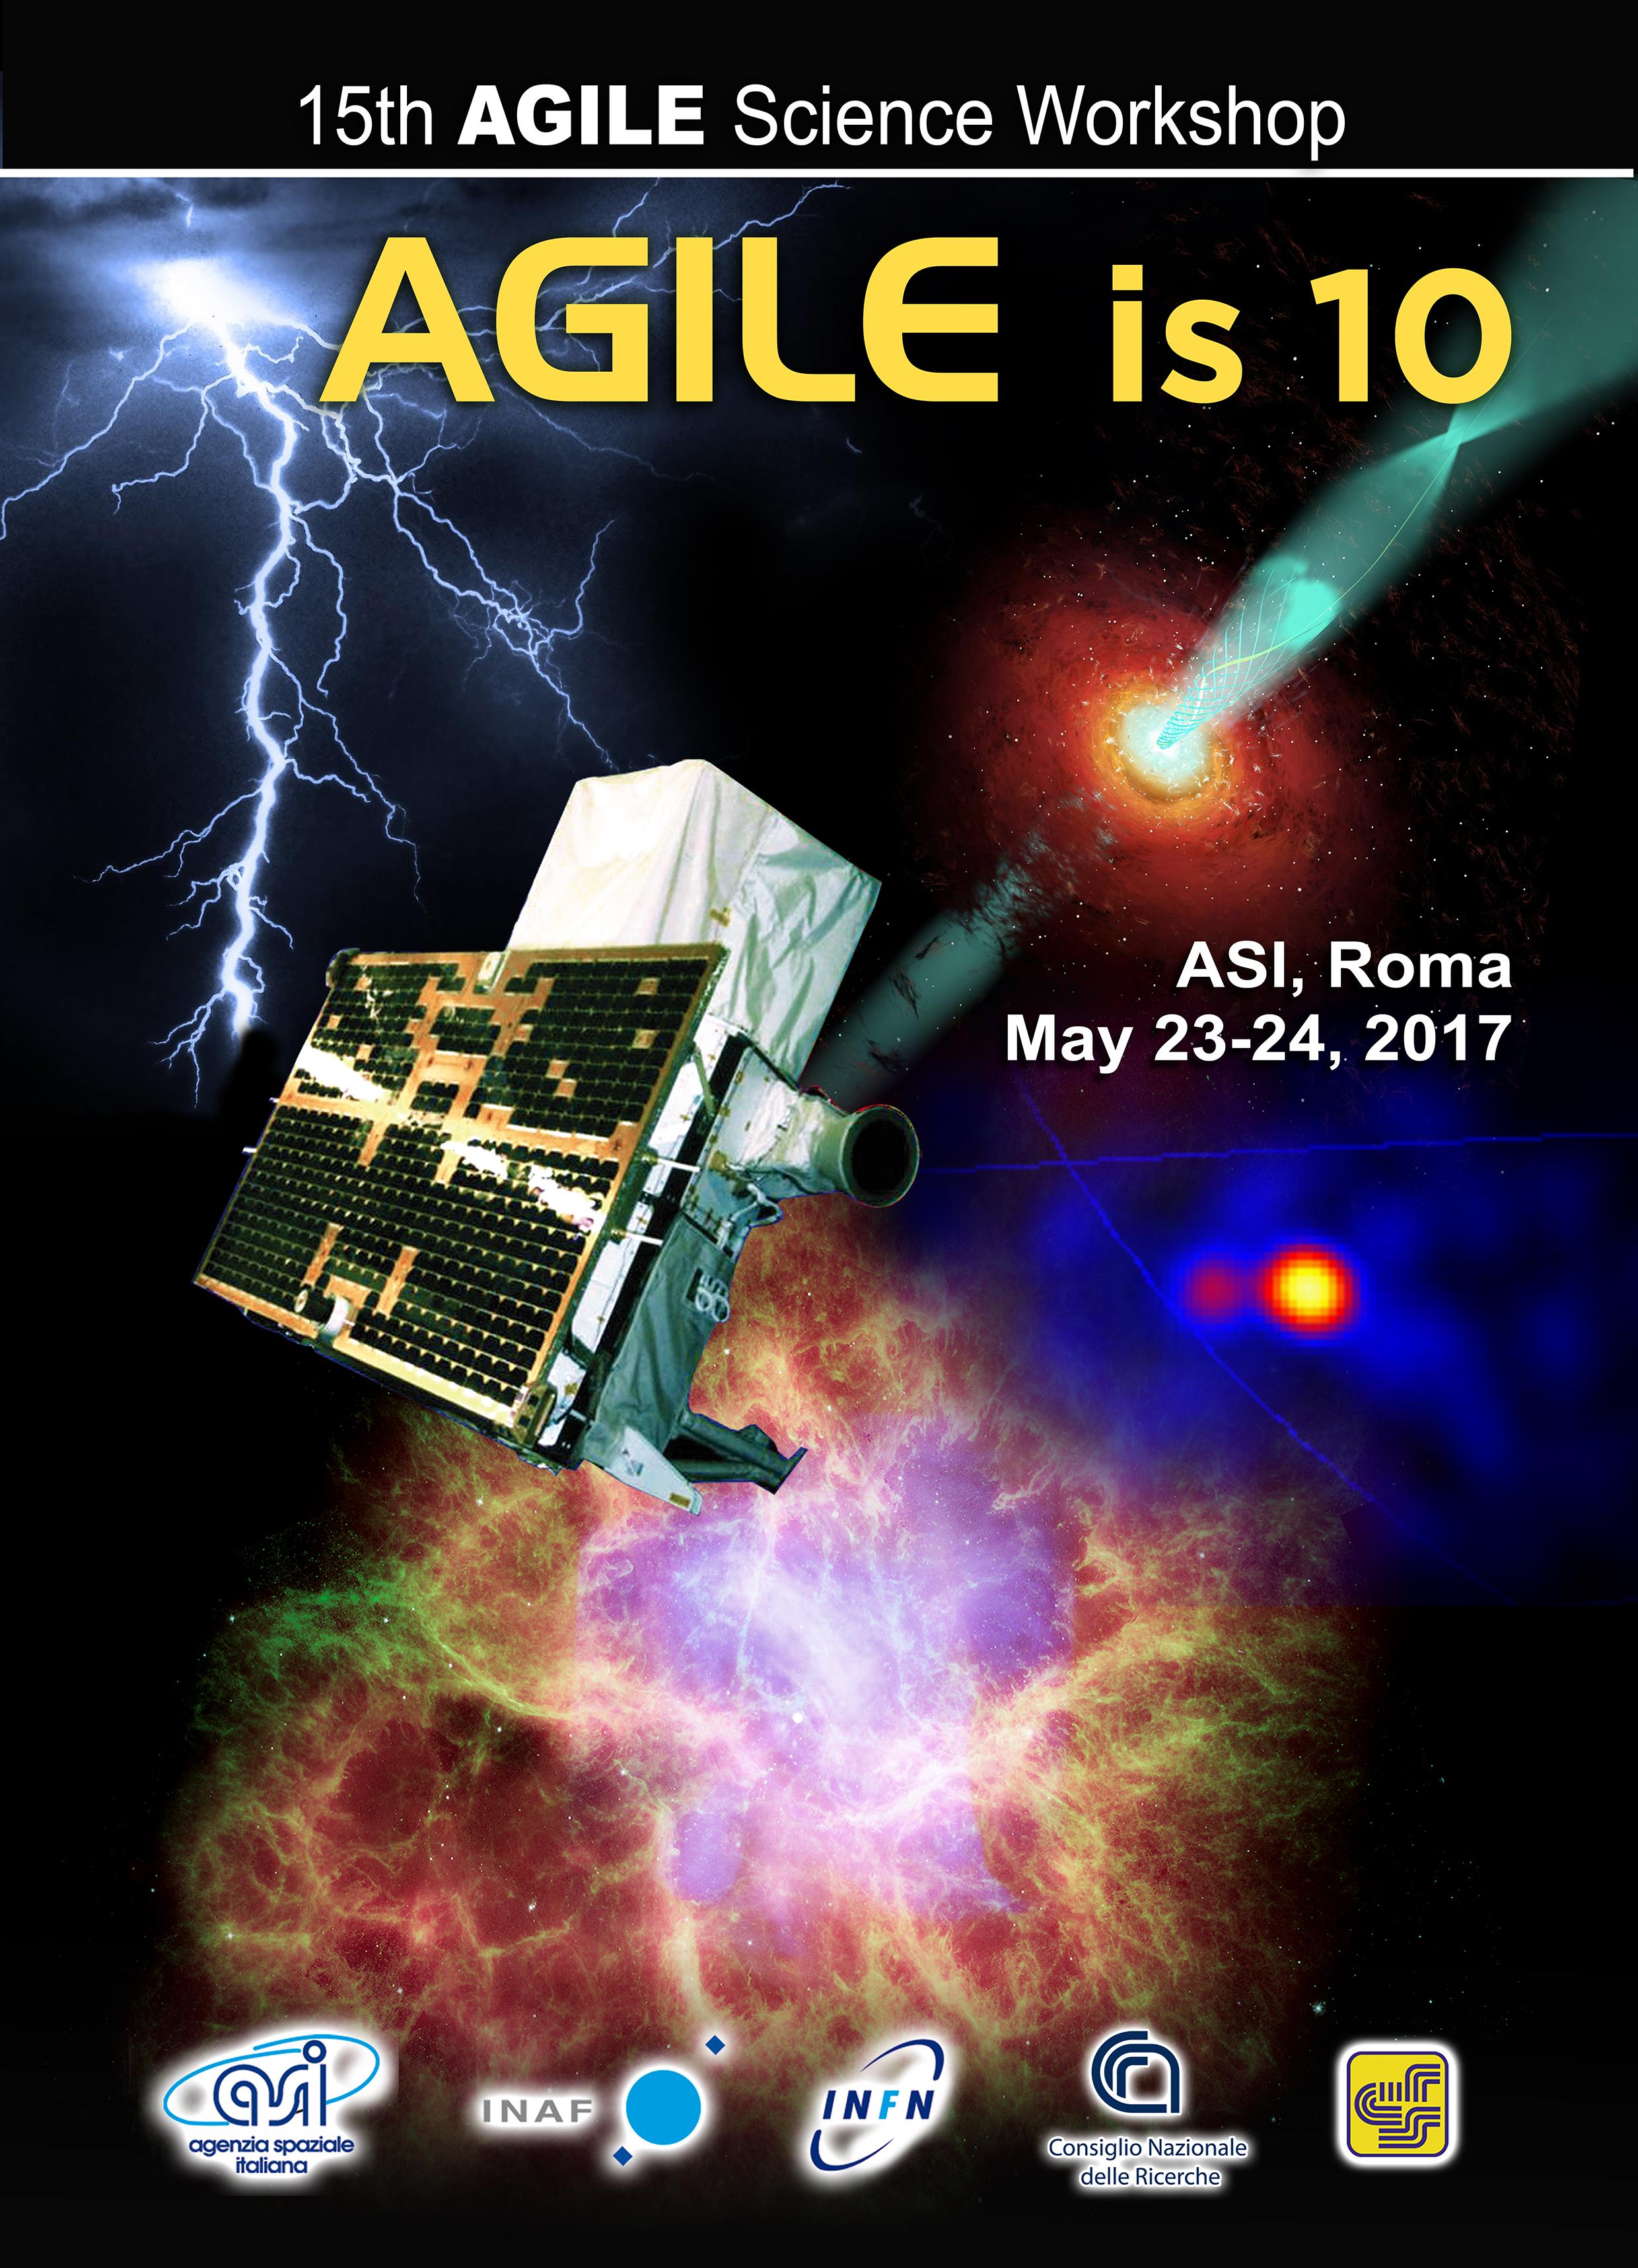 AGILE - Astro-rivelatore Gamma a Immagini Leggero